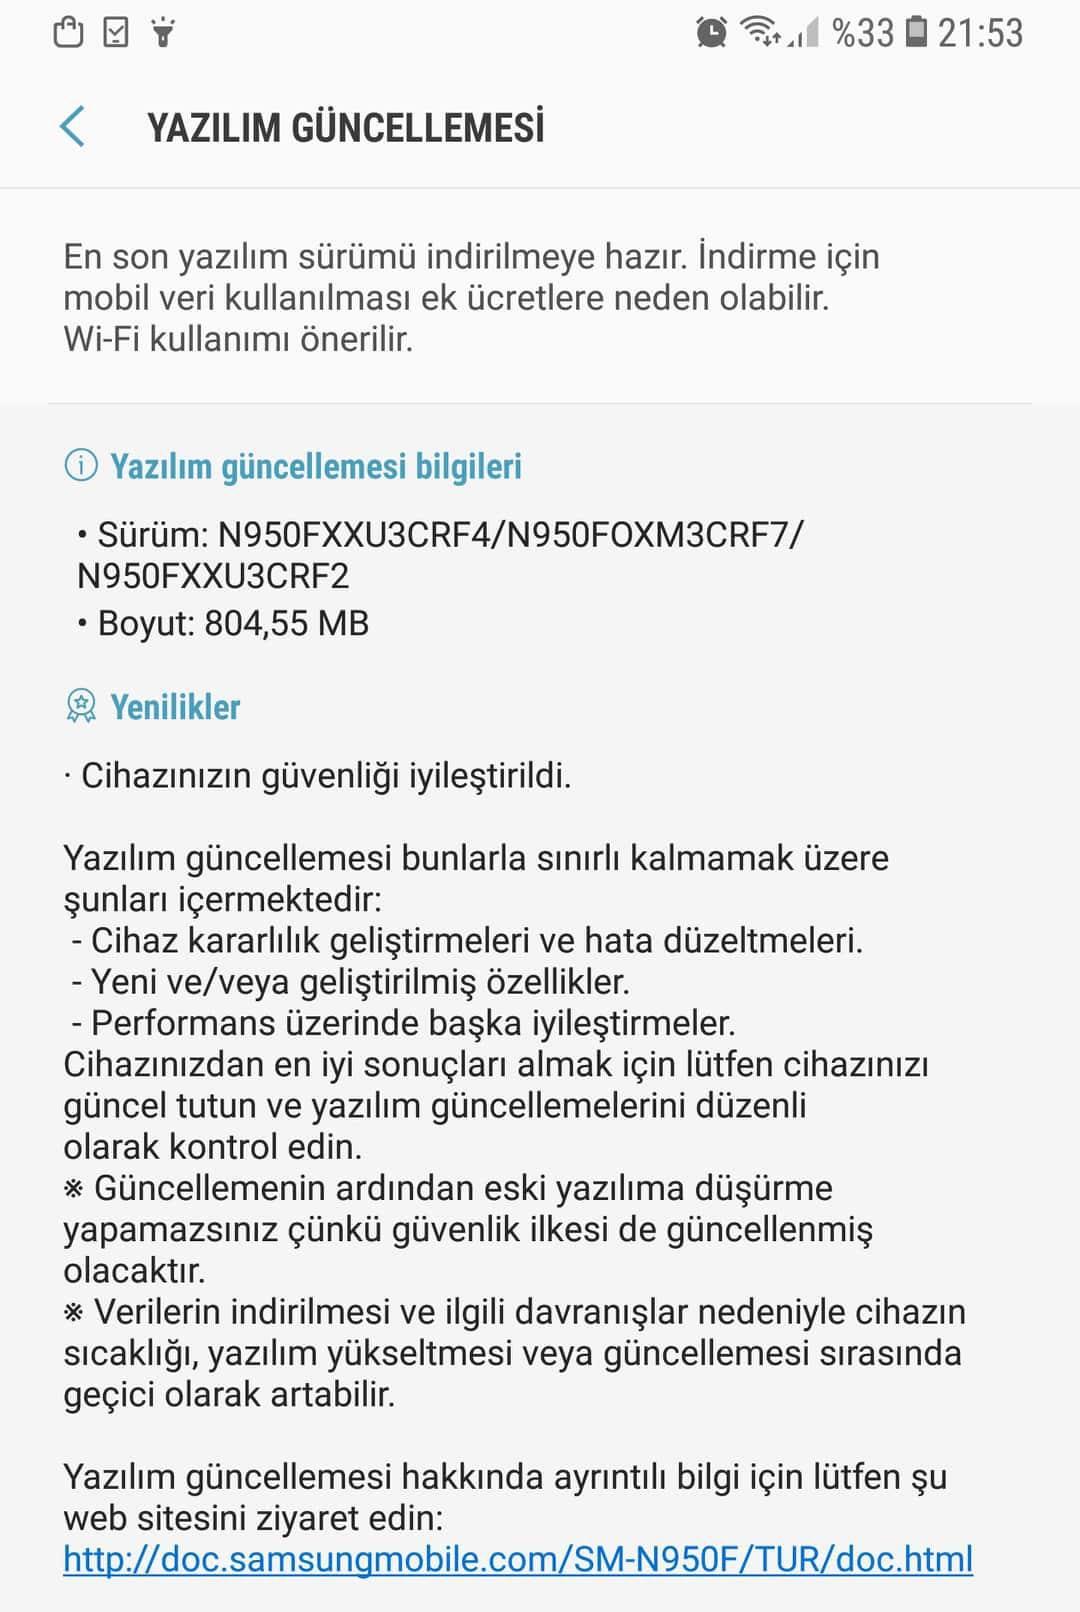 N950FXXU3CRF4 - Note 8 için yeni güncelleme